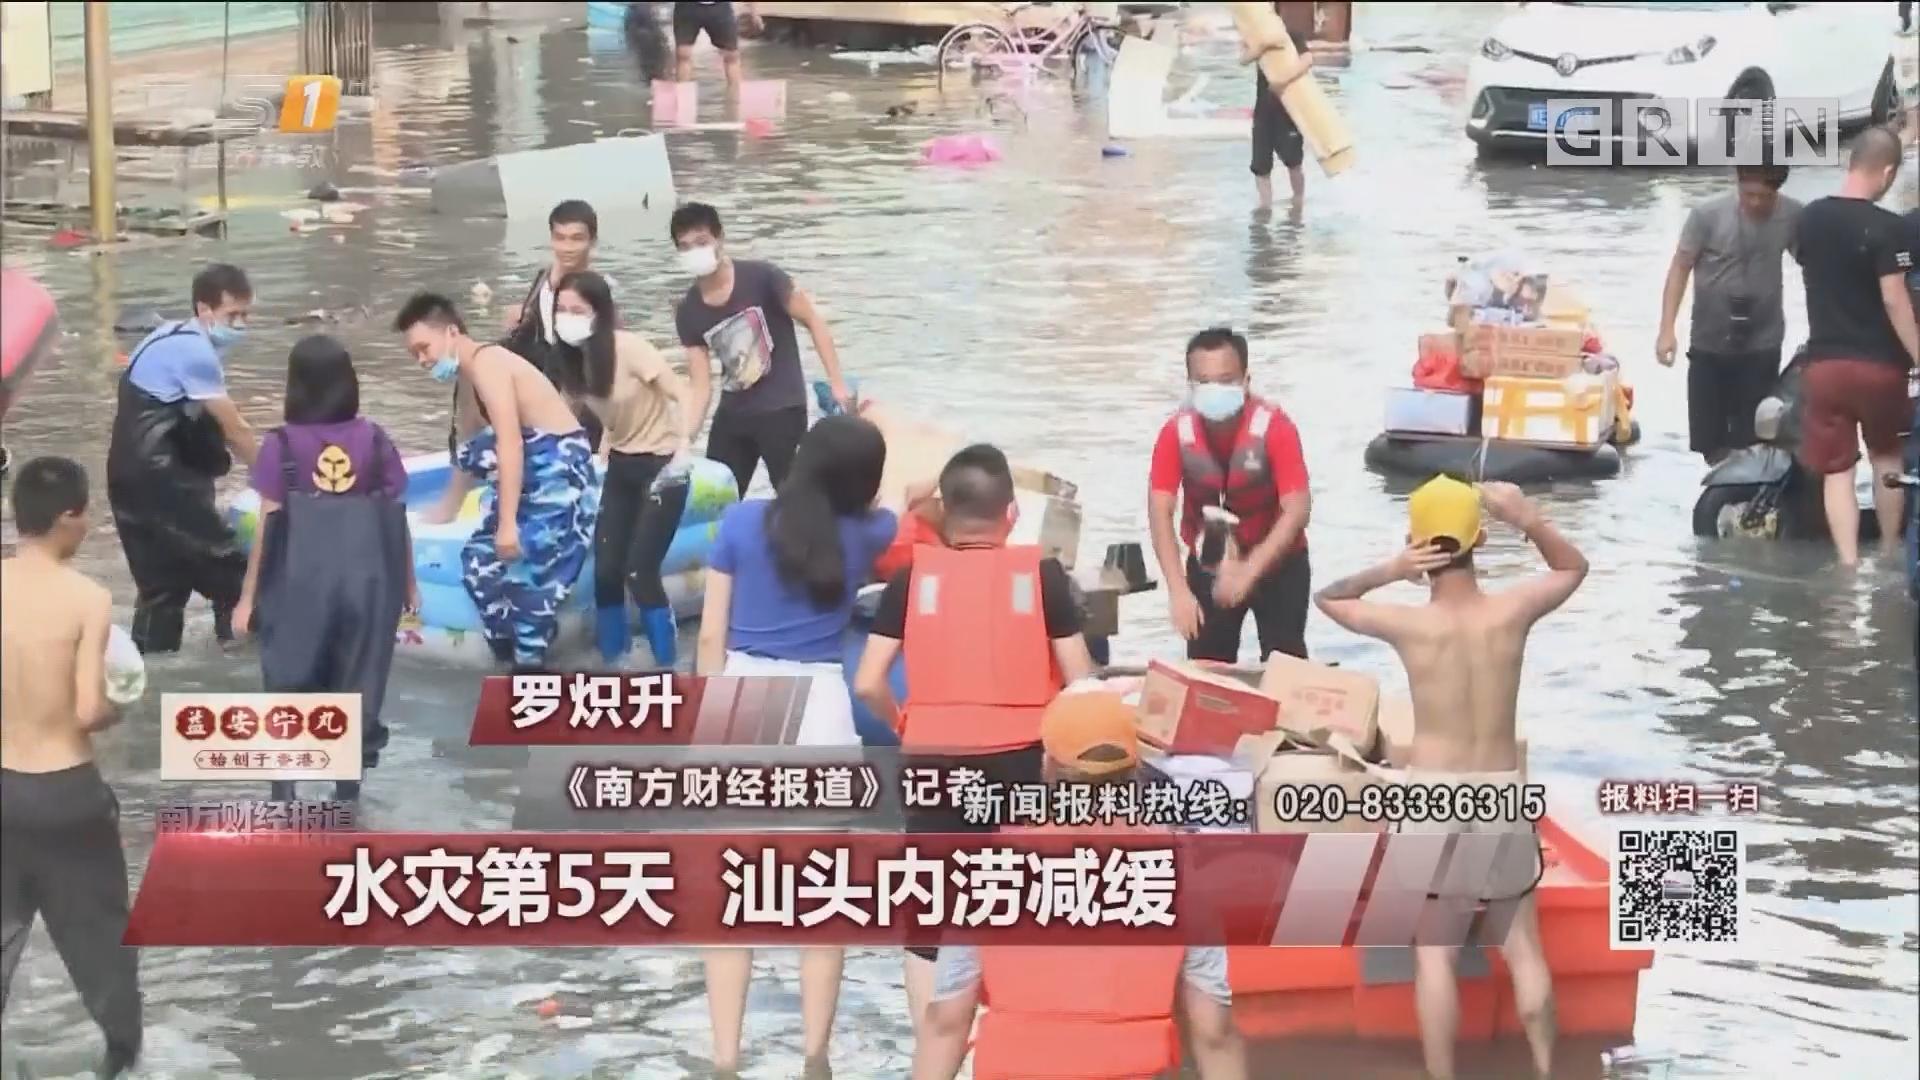 水灾第5天 汕头内涝减缓